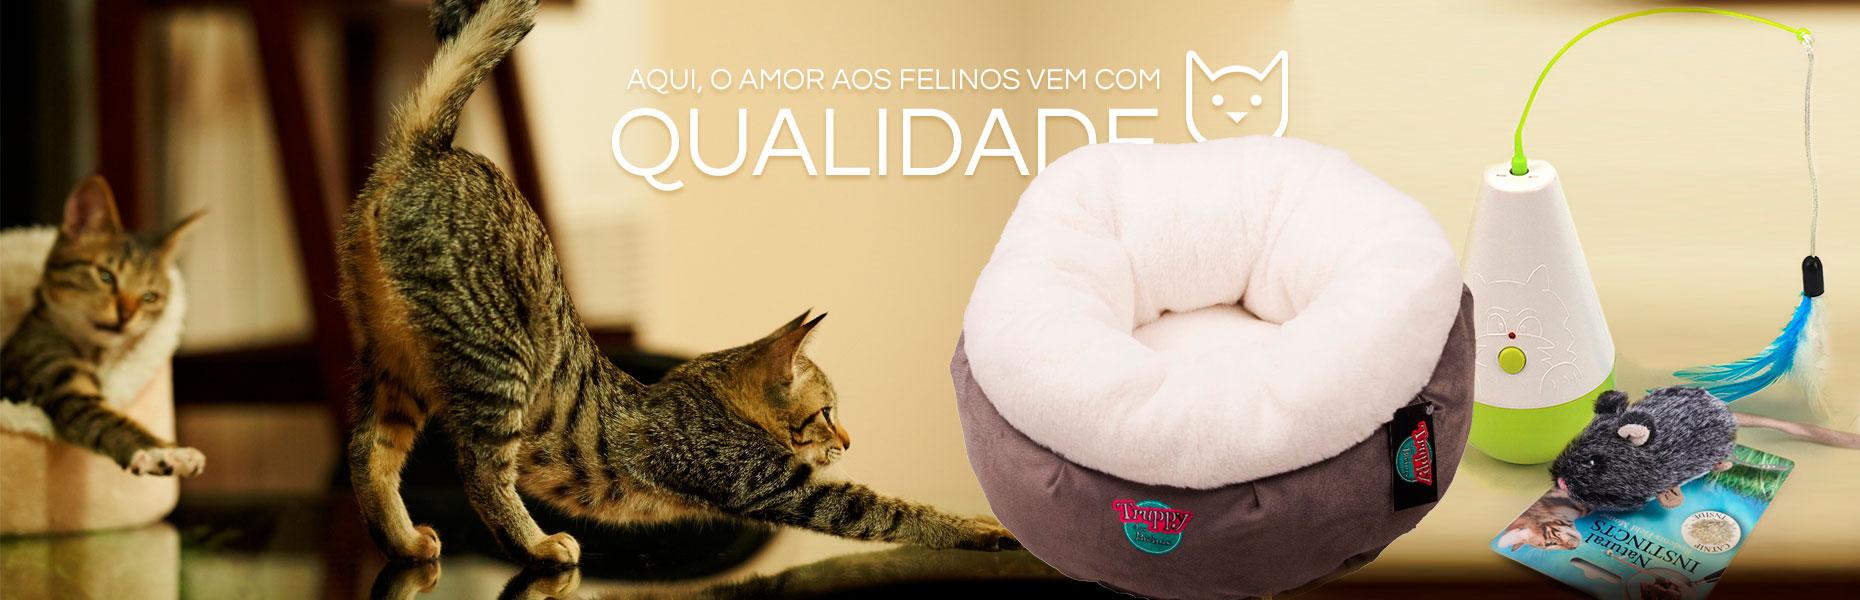 Conforto e qualidade para seu gato